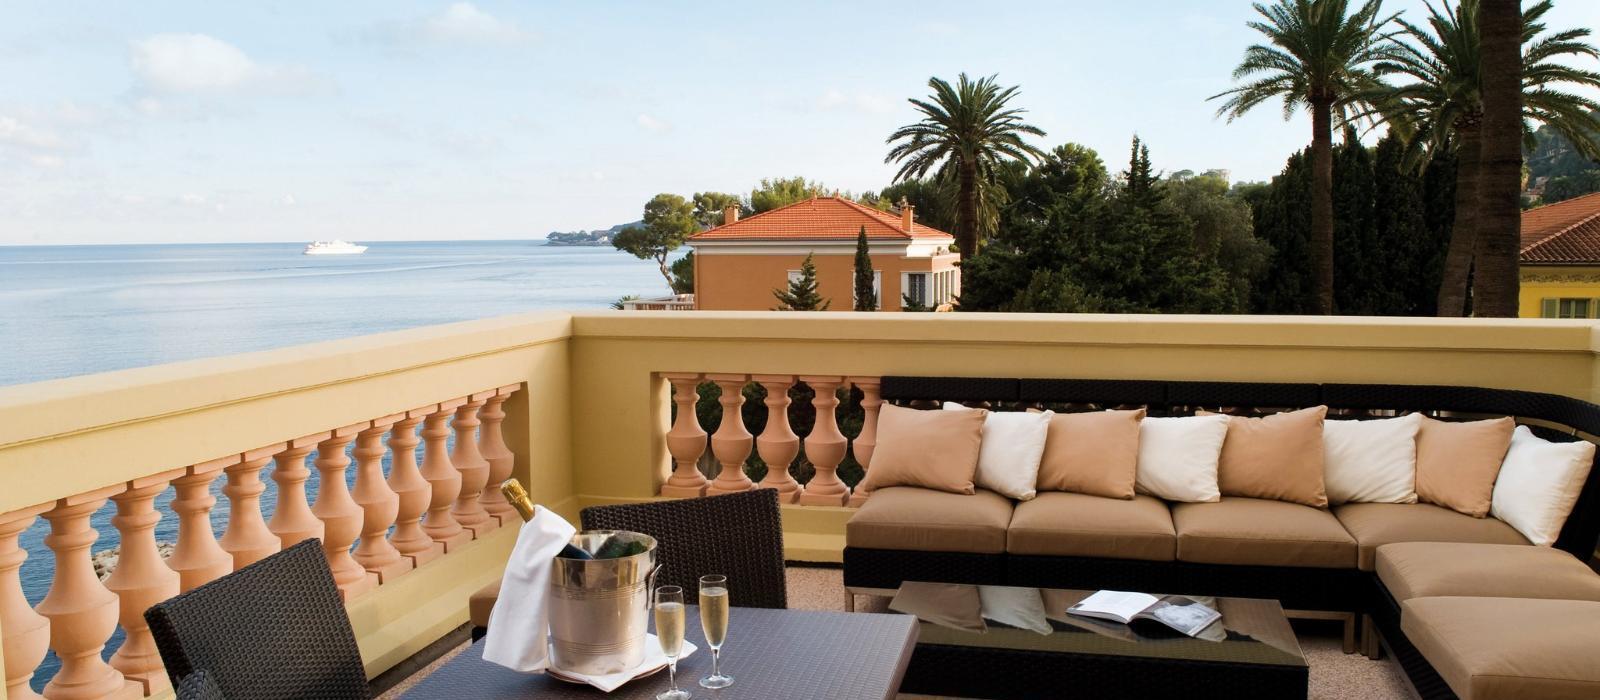 蔚蓝海岸皇家度假酒店(Royal-Riviera) 图片  www.lhw.cn